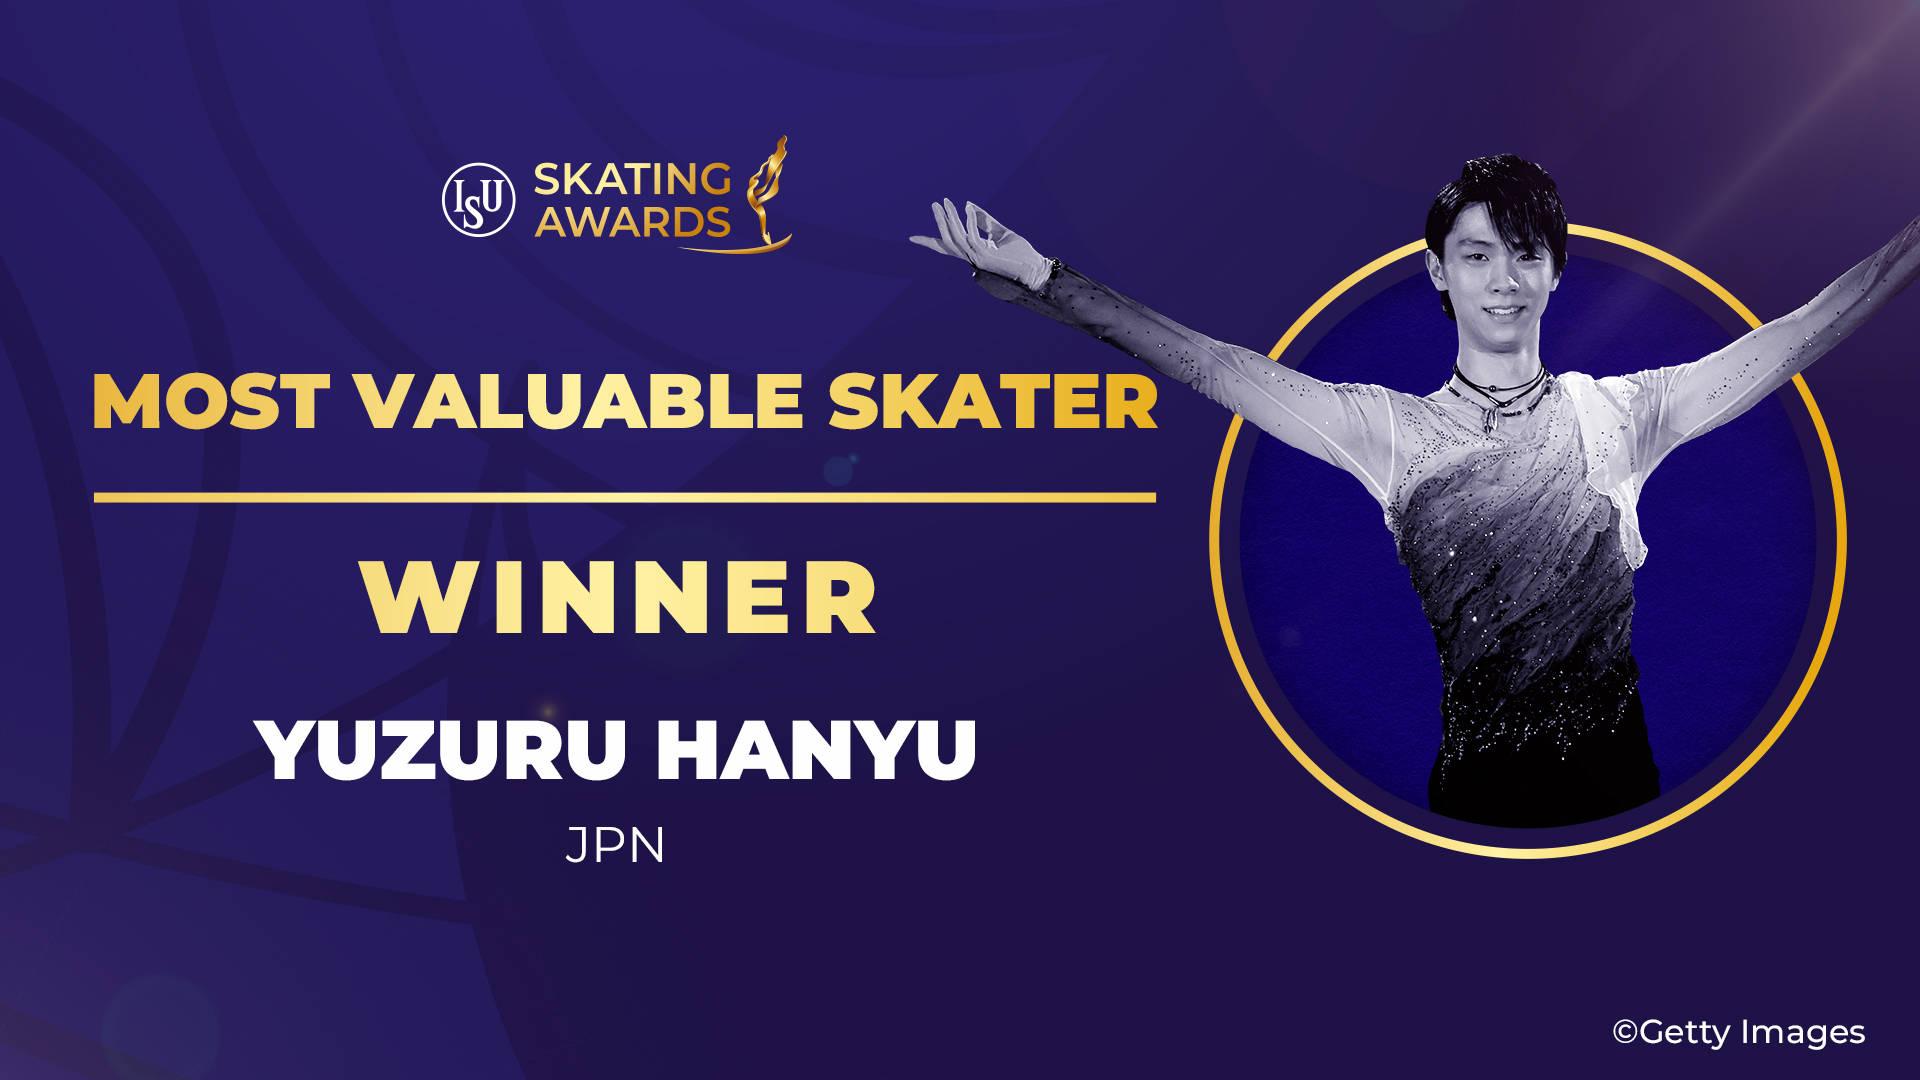 羽生結弦獲國際滑聯賽季MVP 俄羅斯新星當選最佳新人